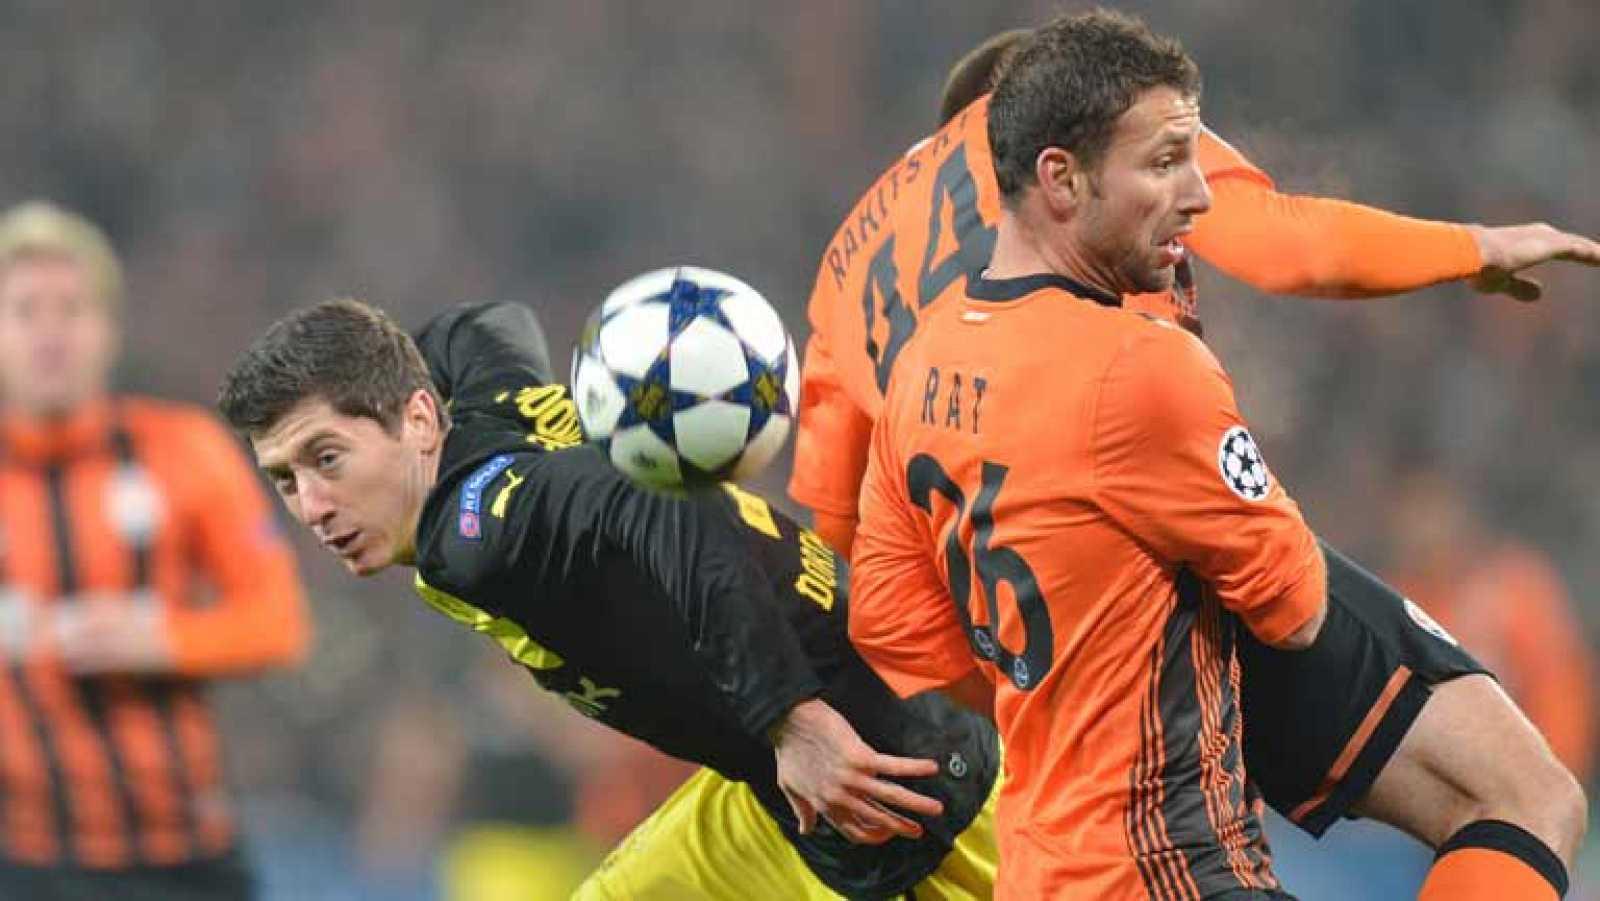 El Shakhtar Donetsk y el Borussia Dortmund han empatado a dos goles en su partida de ida de octavos de final de la Liga de Campeones, con lo que la eliminatoria queda en ligera ventaja para el campeón alemán por el valor doble de los goles como visit